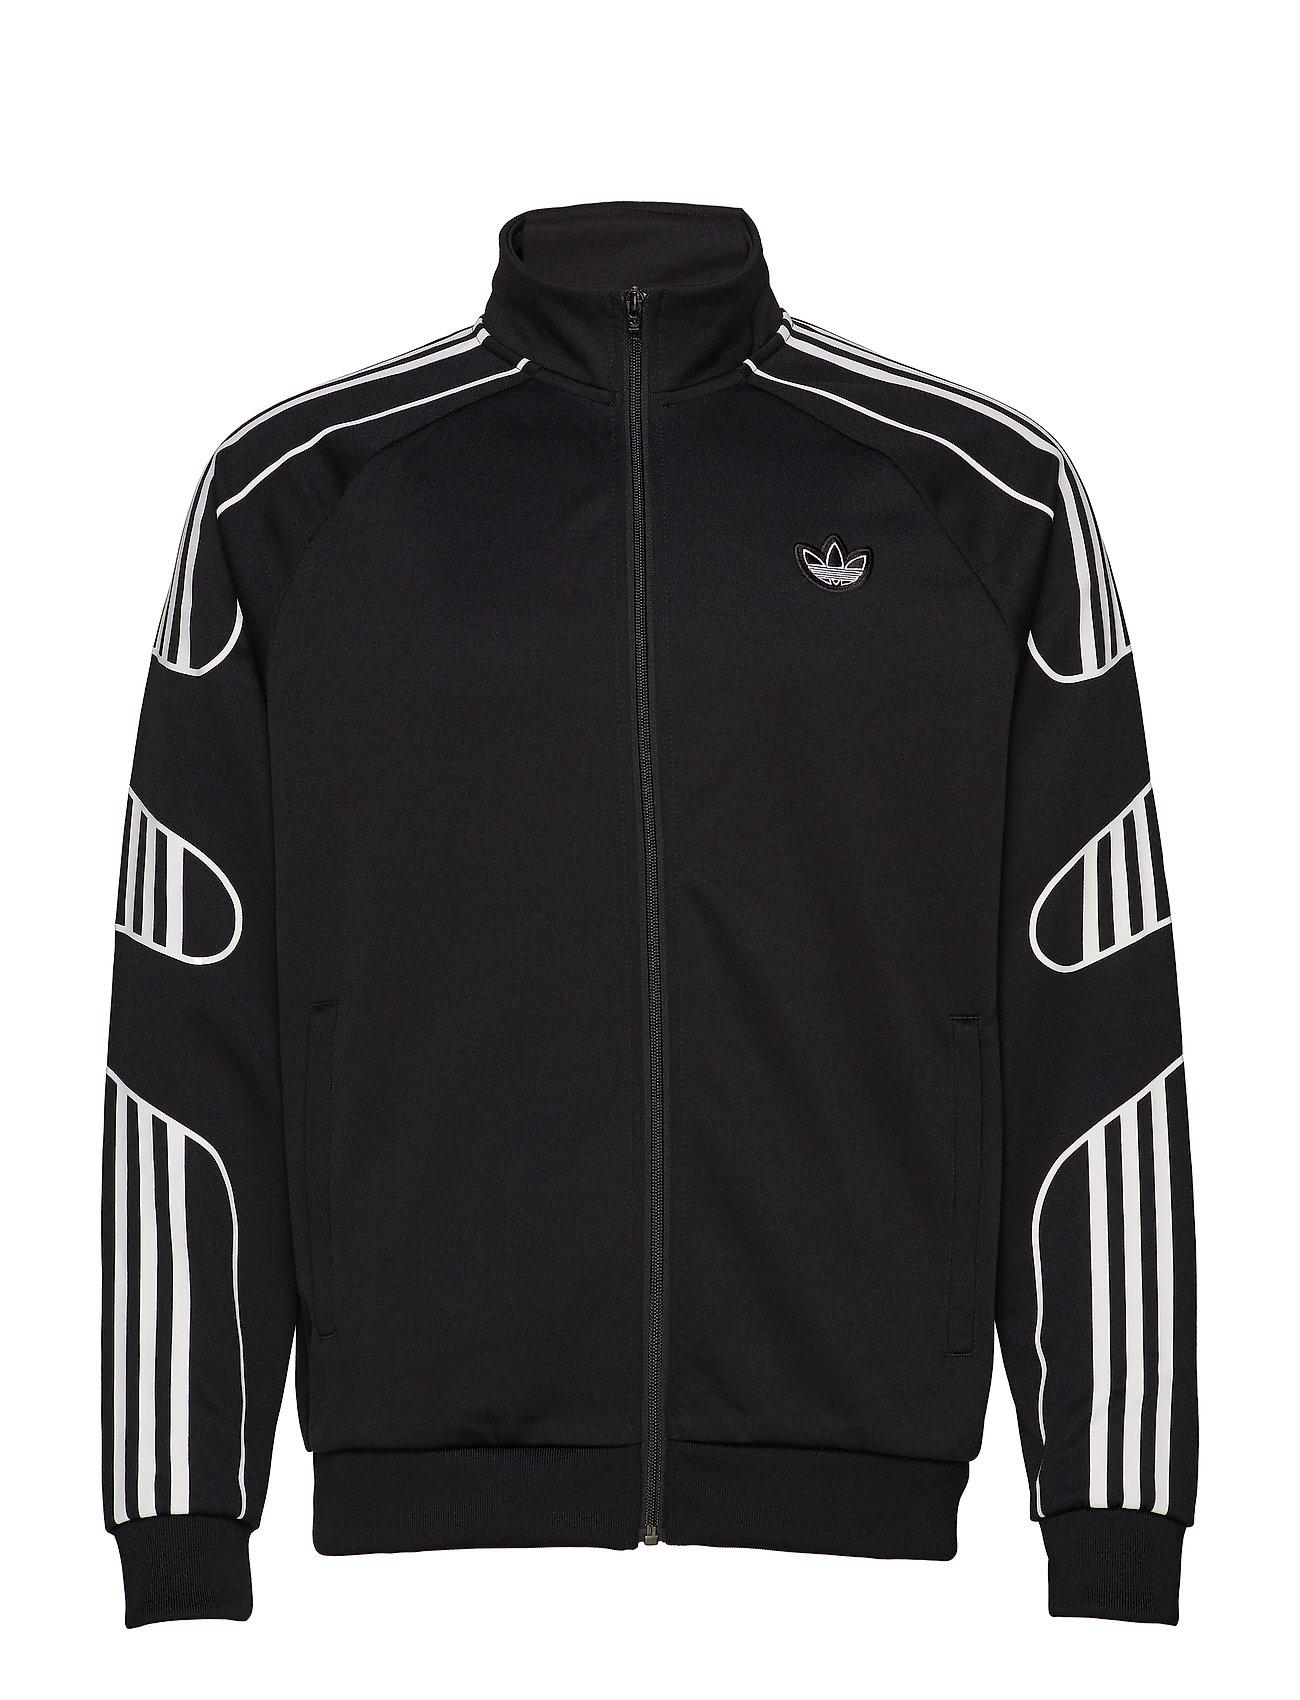 adidas Originals FSTRIKE TT - BLACK